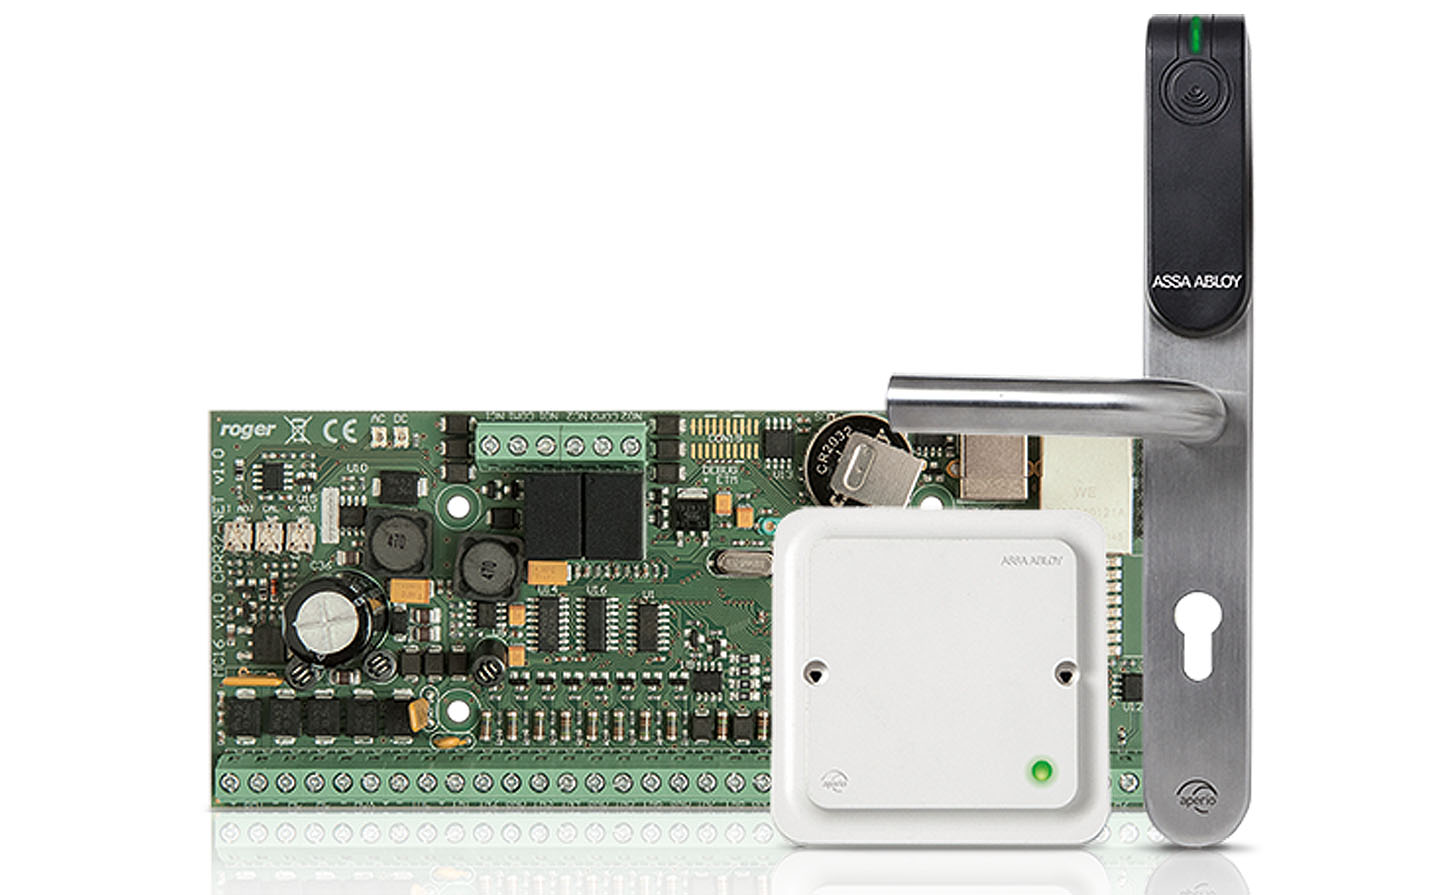 MC16-PAC - Integracja zamków APERIO z kontrolerem.